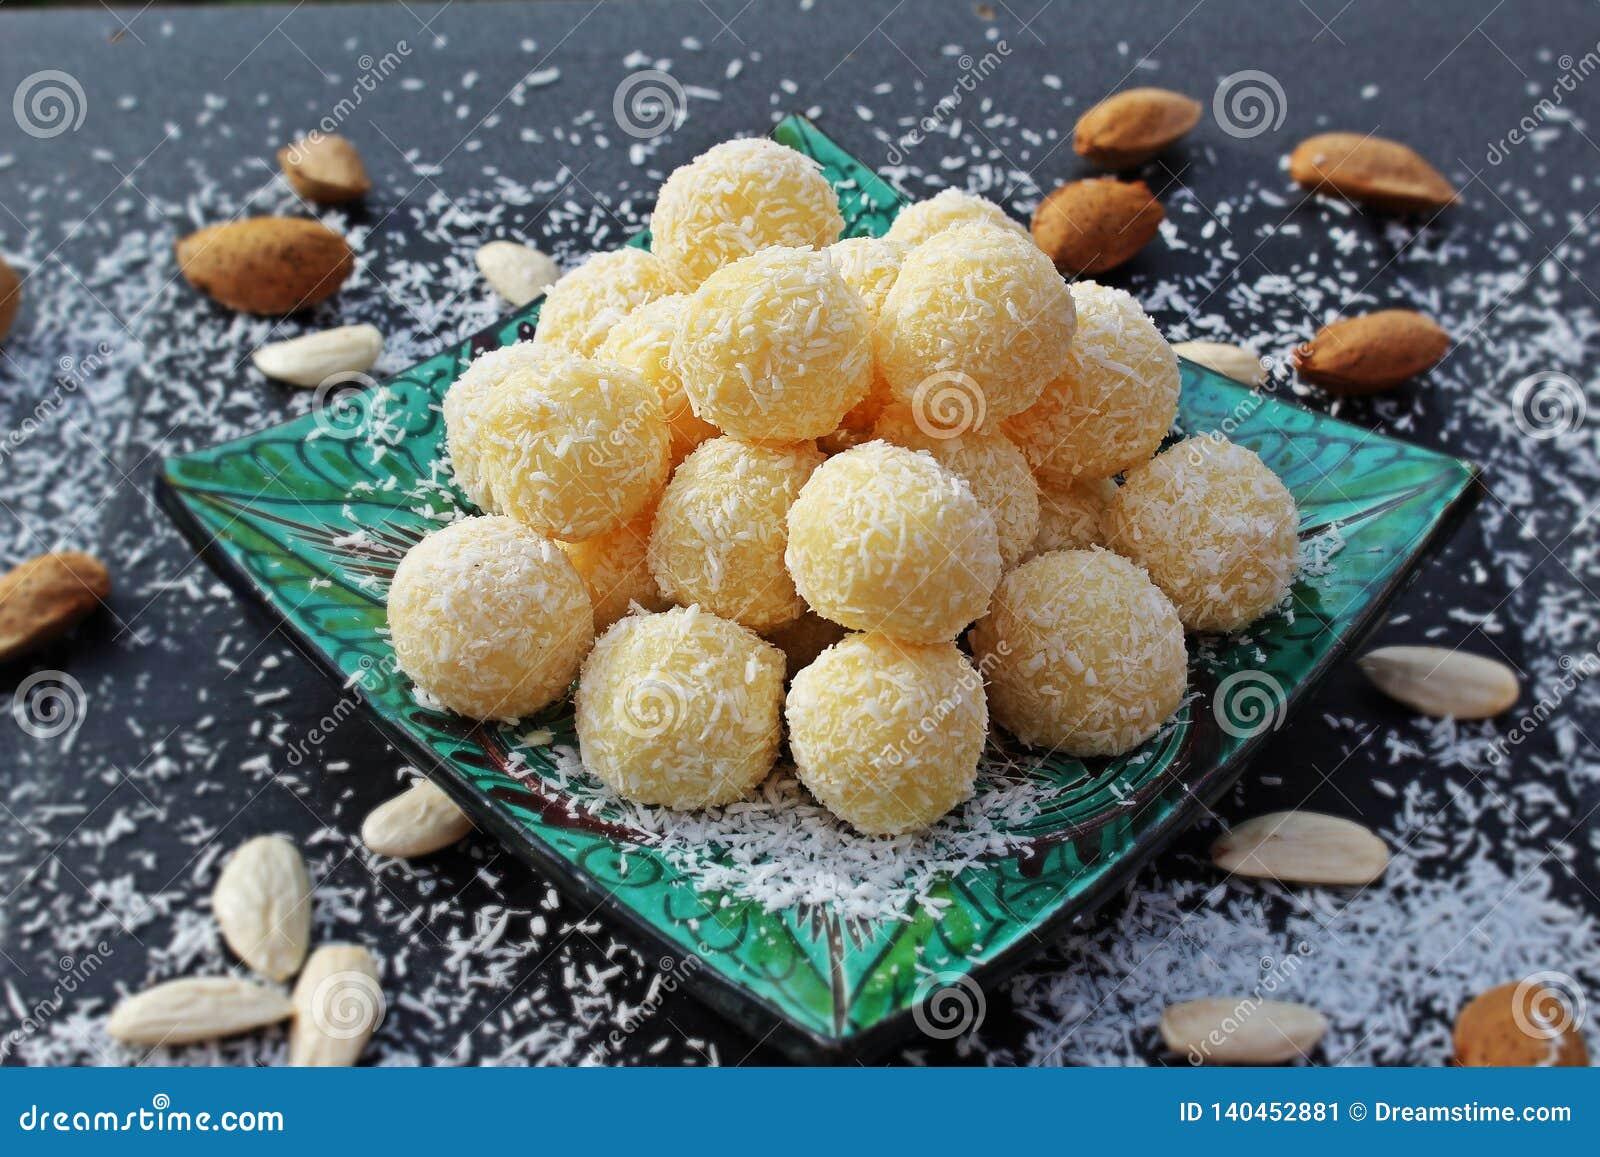 Homemade raffaello balls.